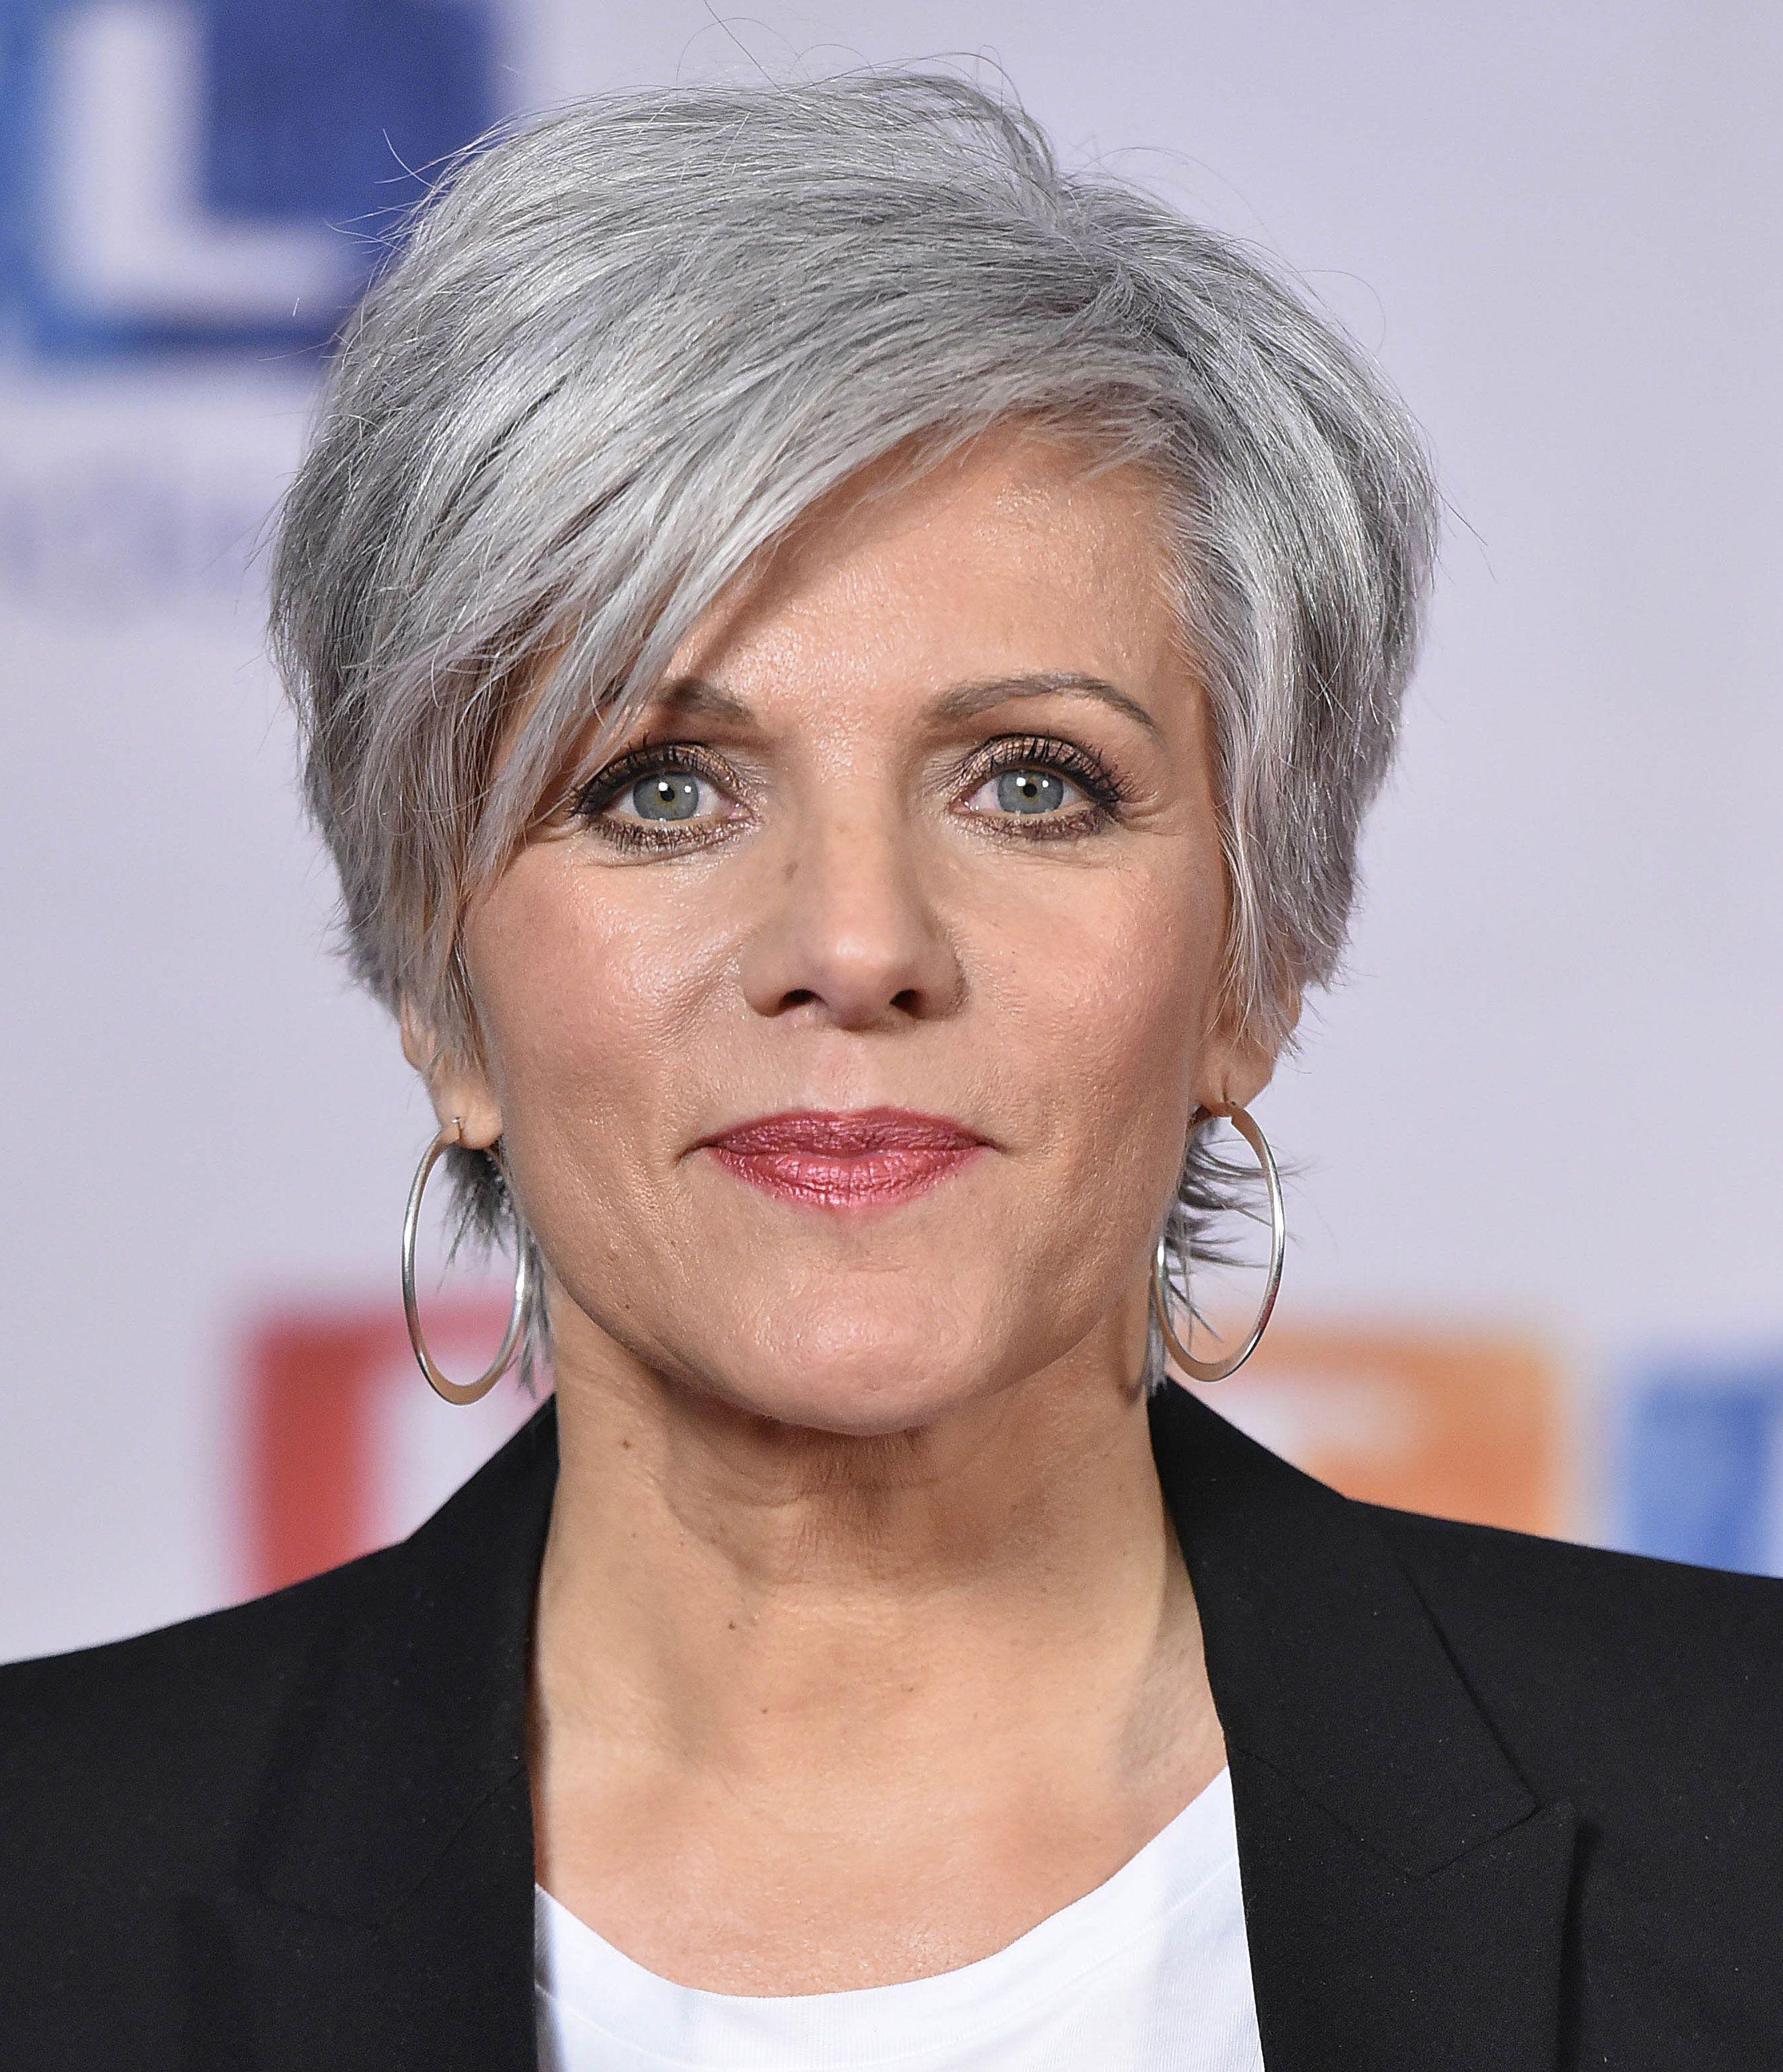 Birgit Schrowange TV Moderatorin